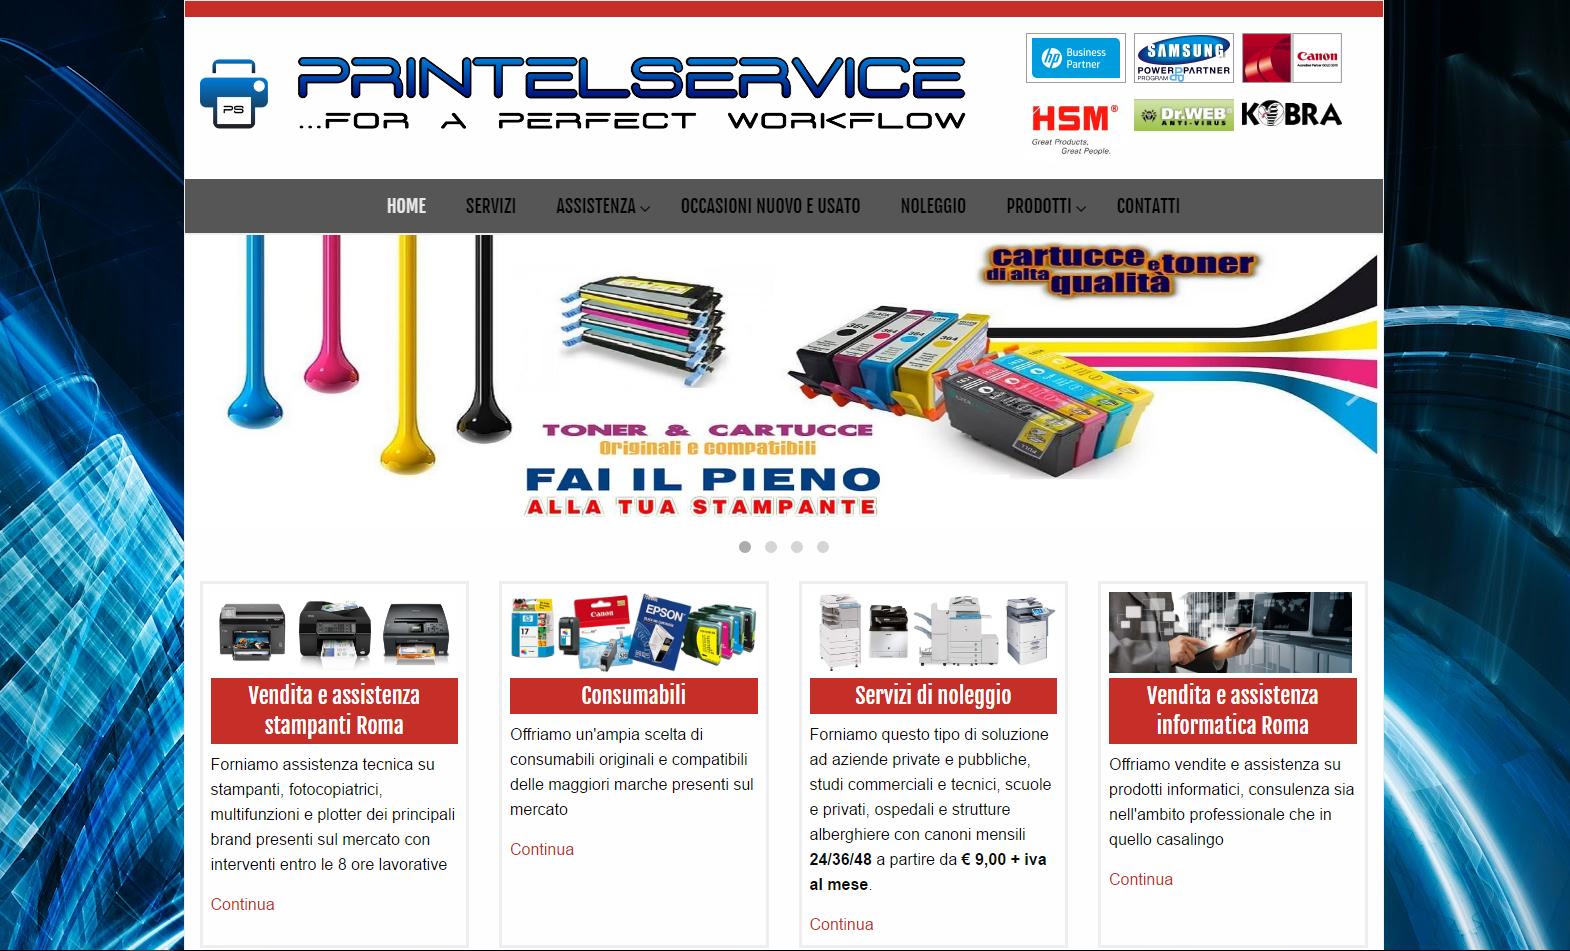 Printel Service